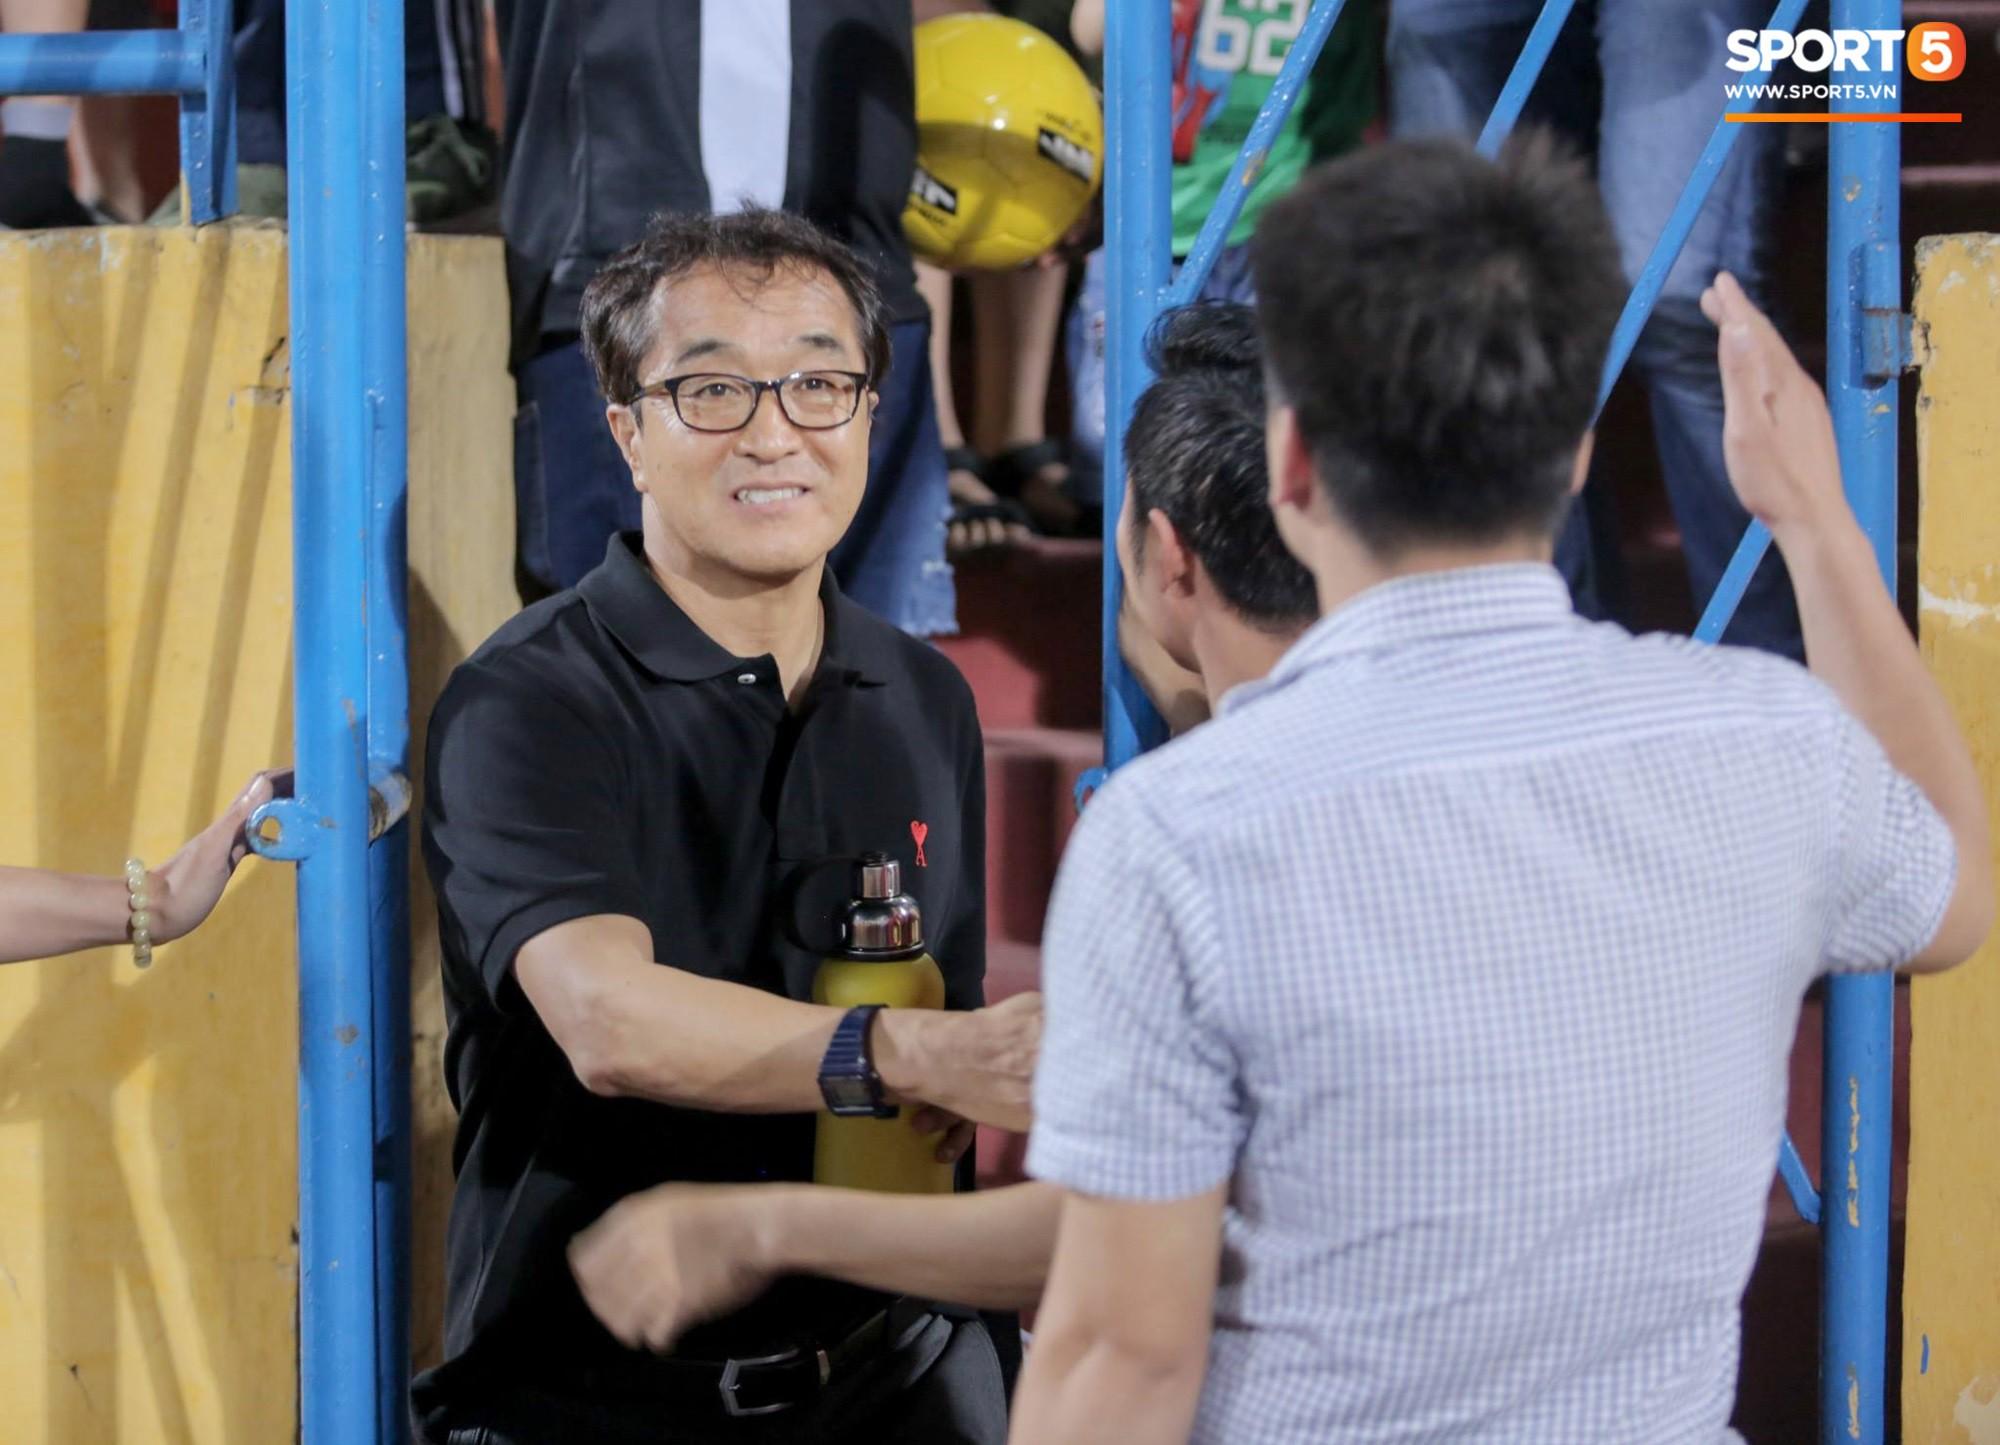 HLV Park Hang Seo xuống sân chúc mừng trò cưng Quang Hải sau màn trình diễn tuyệt vời-7